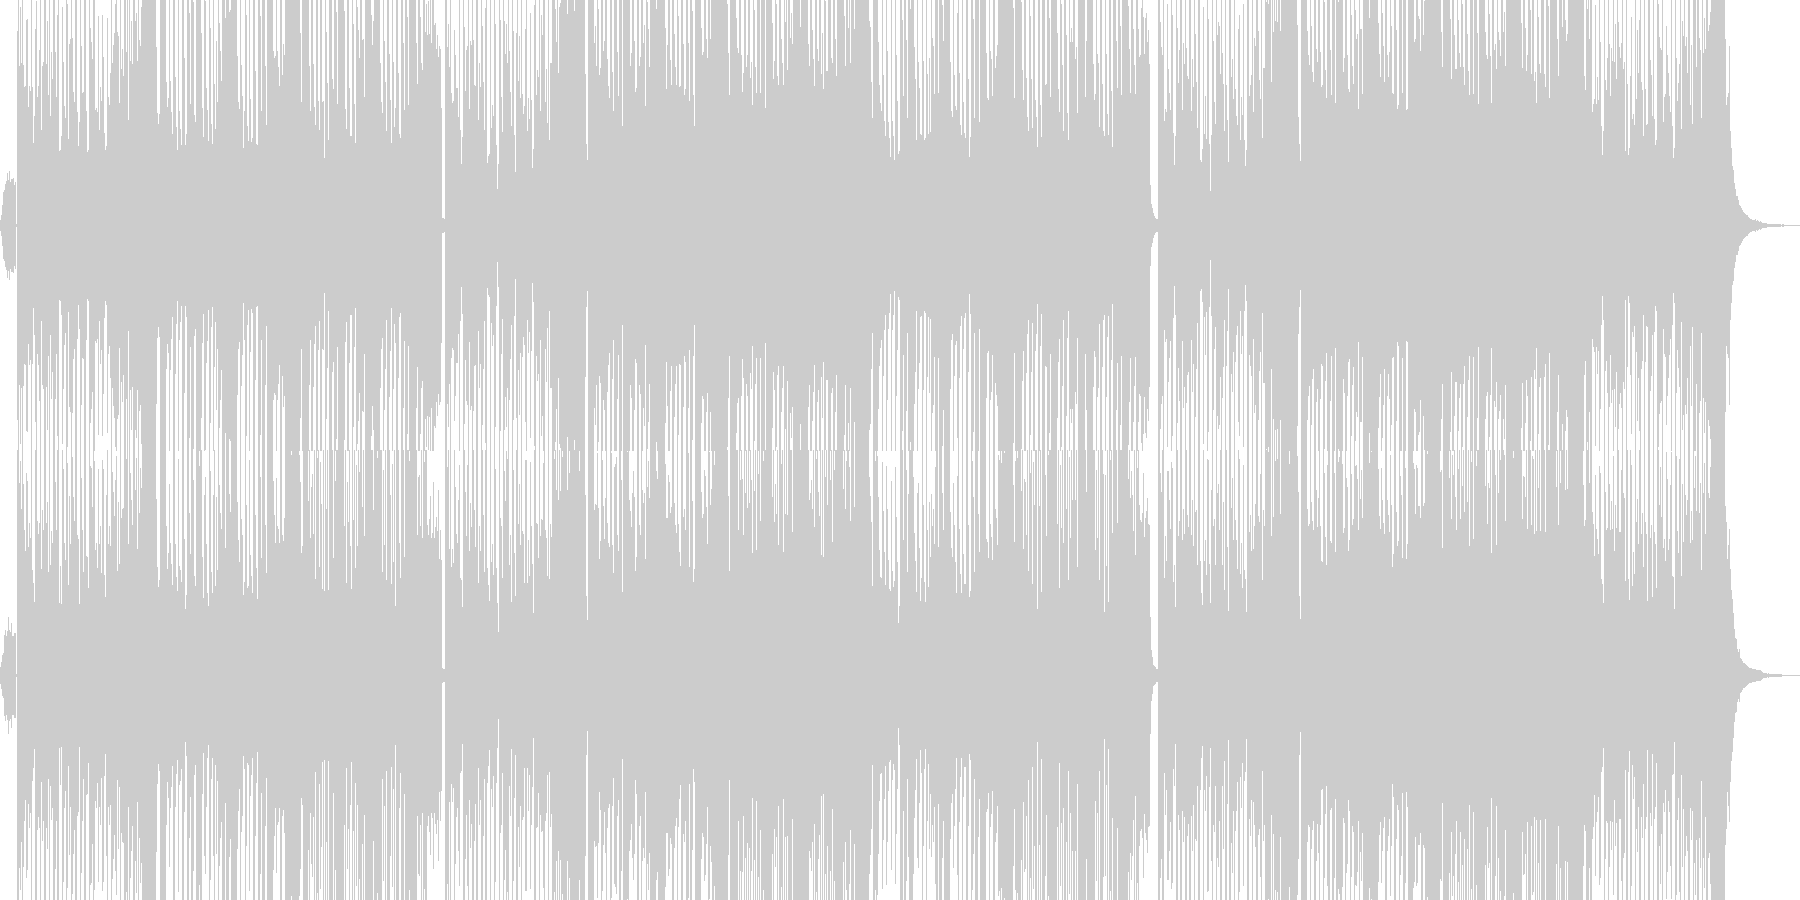 ダンス系EDM/イケメンoffvocalの未再生の波形